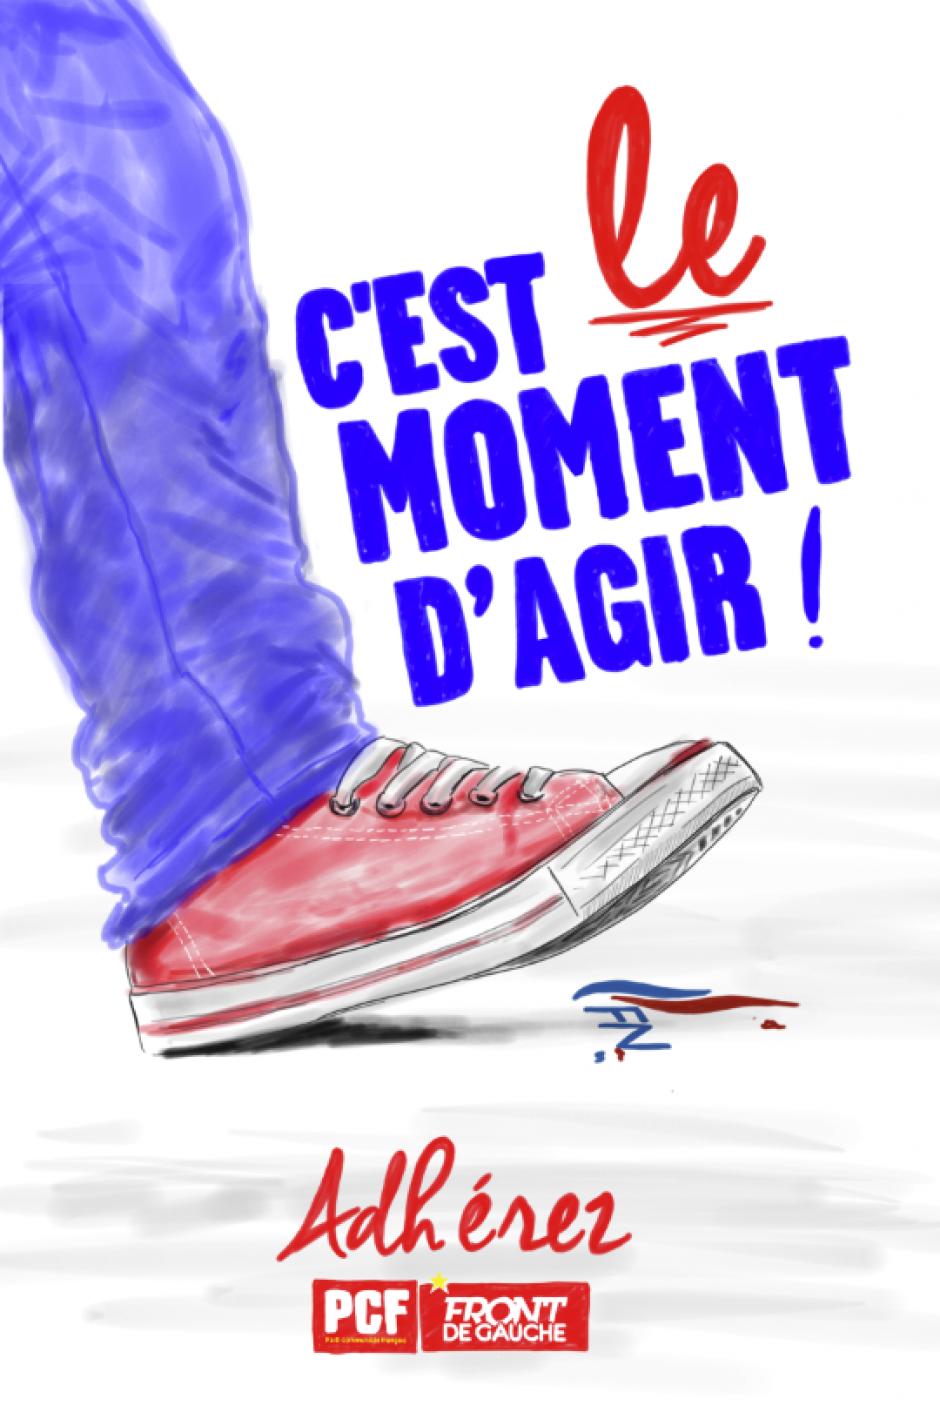 France 3 Picardie-JT 19-20-Oise-Battre Le Pen le 7 mai et combattre Macron dès le lendemain - 28 avril 2017